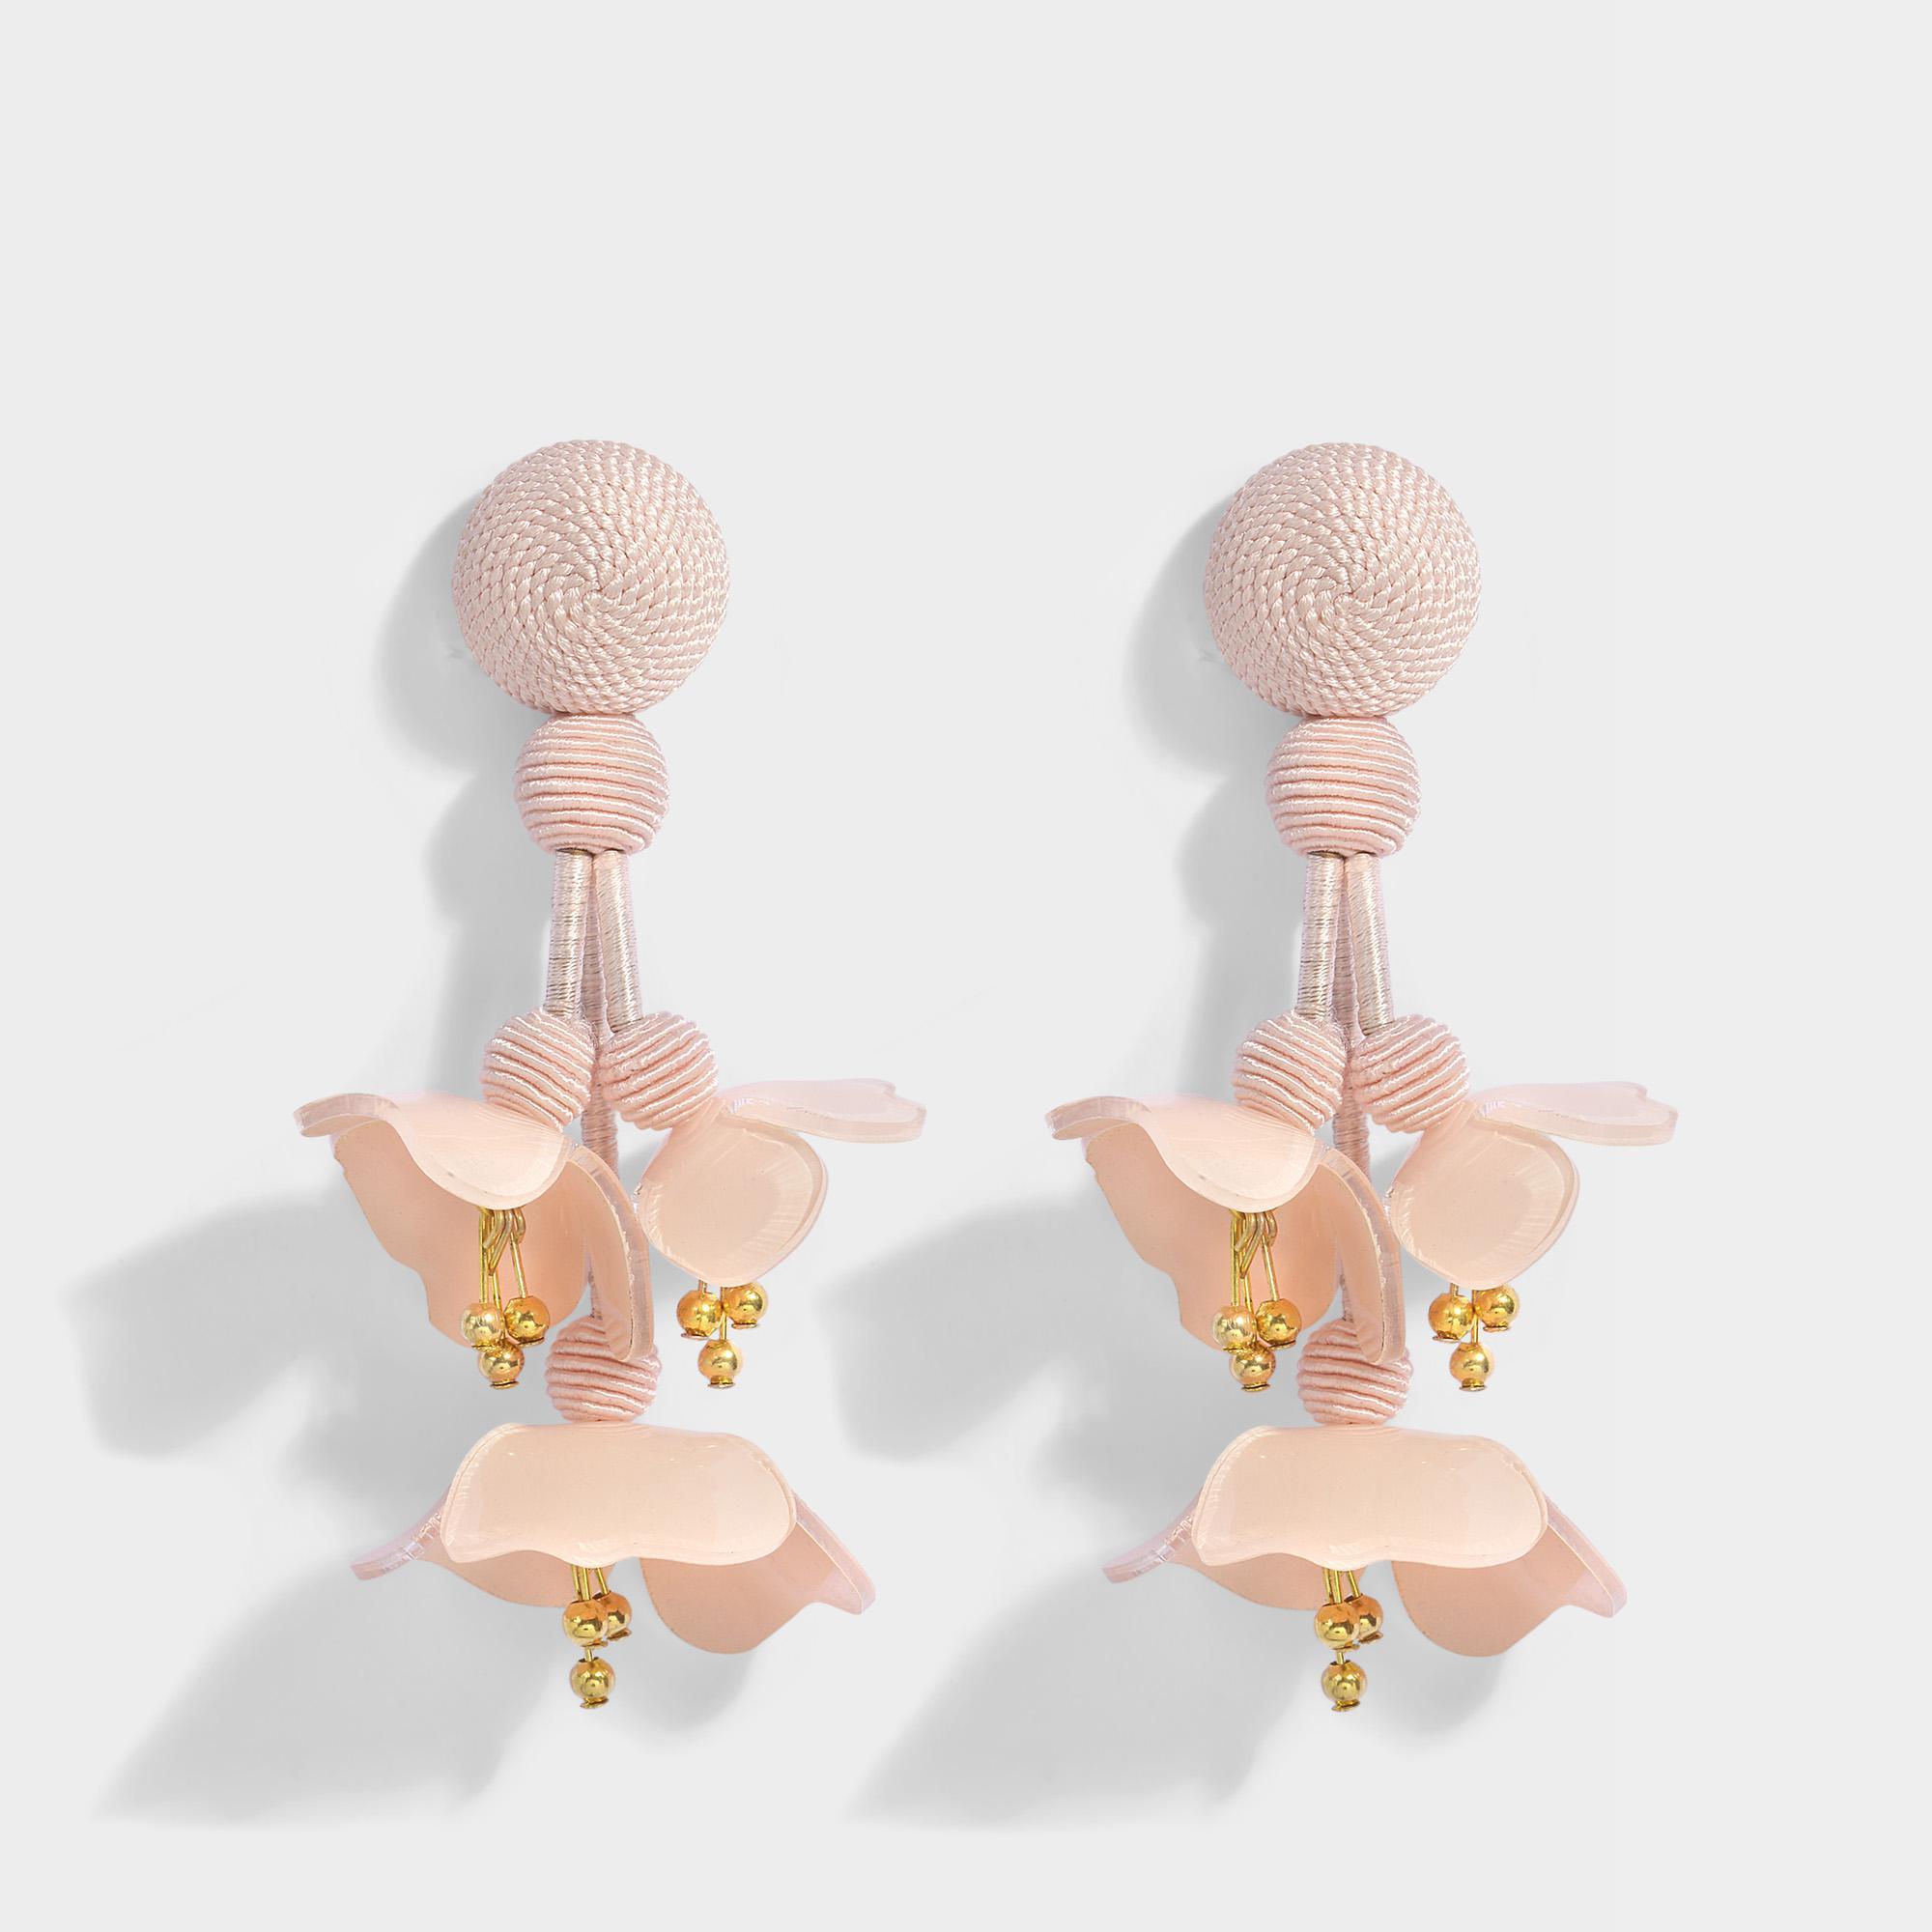 Falling Flower Clip Earrings in Blush Synthetic Oscar De La Renta juxS9Q